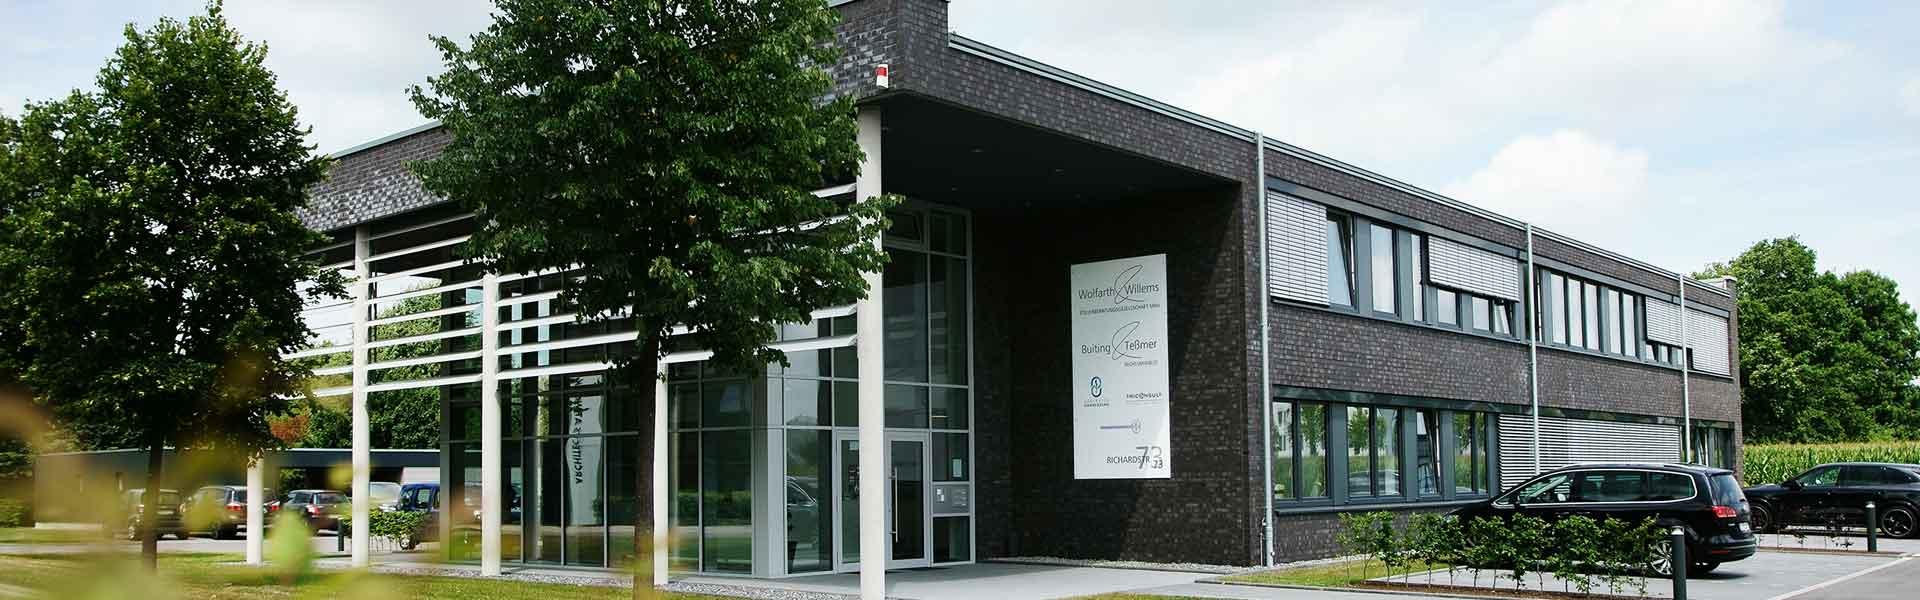 Bürogebäude mit Luft-Wasser-Wärmepumpe und Kühlung